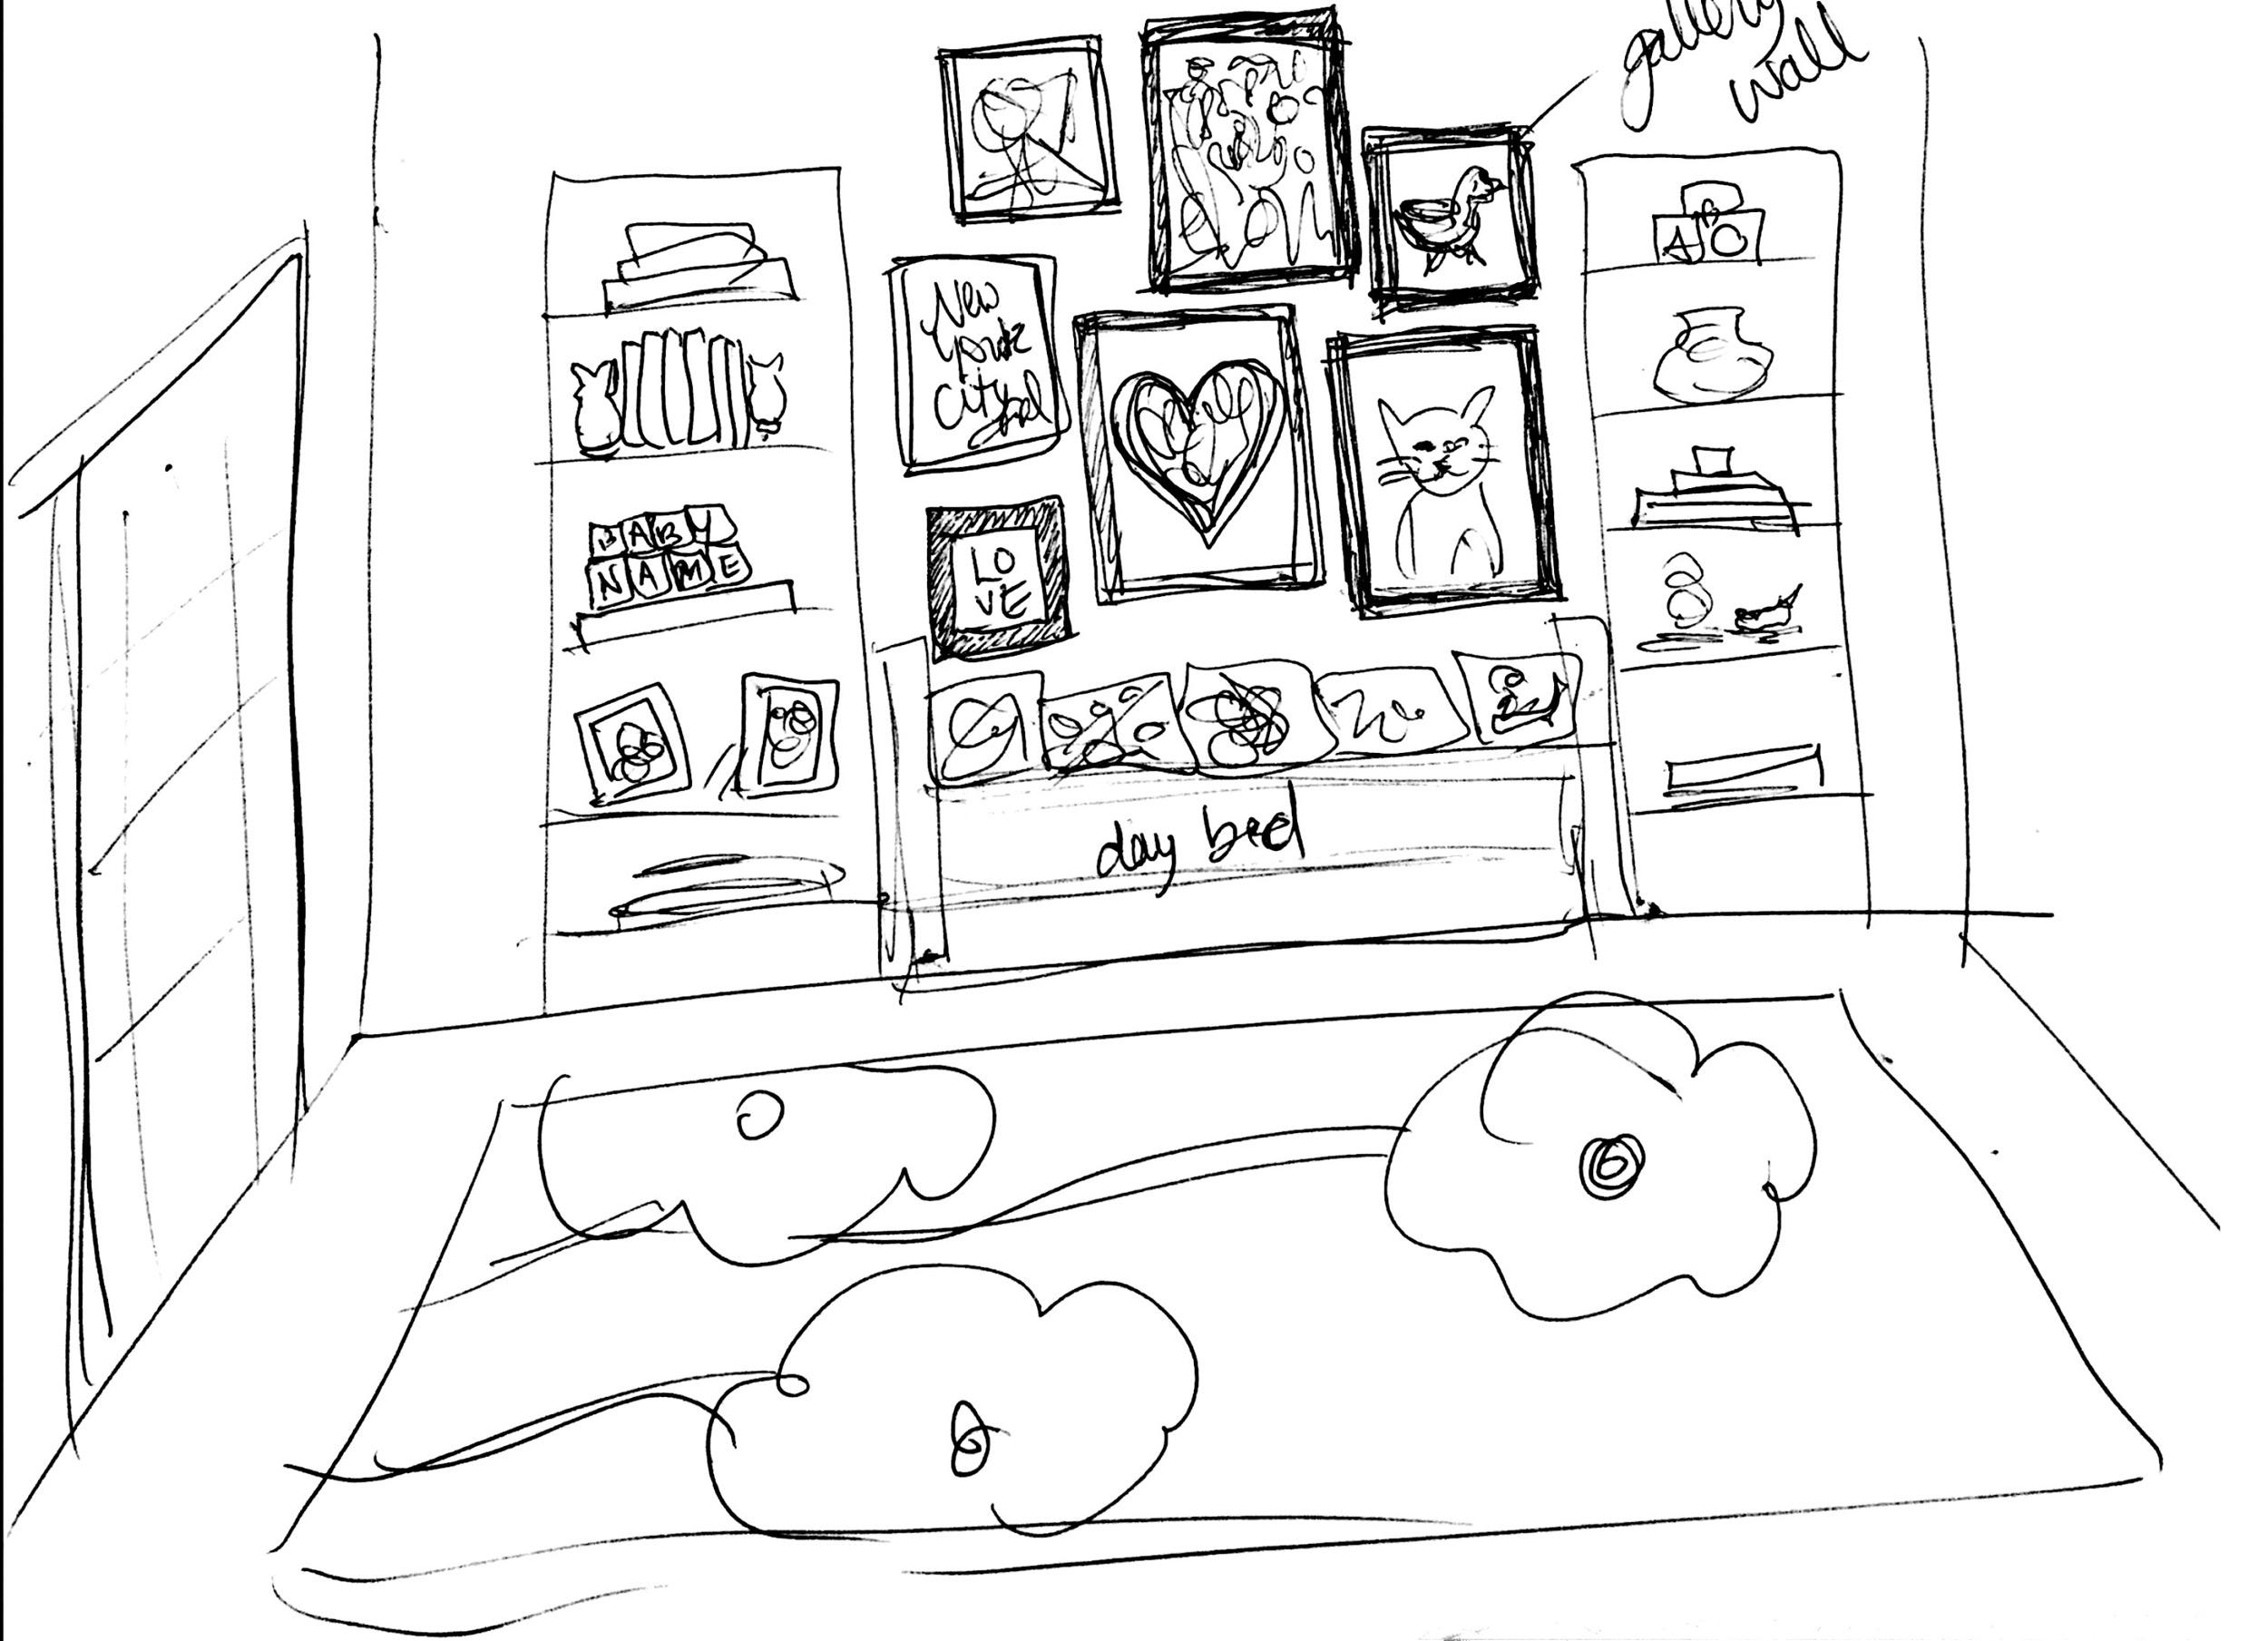 baby-room-sketch.jpg